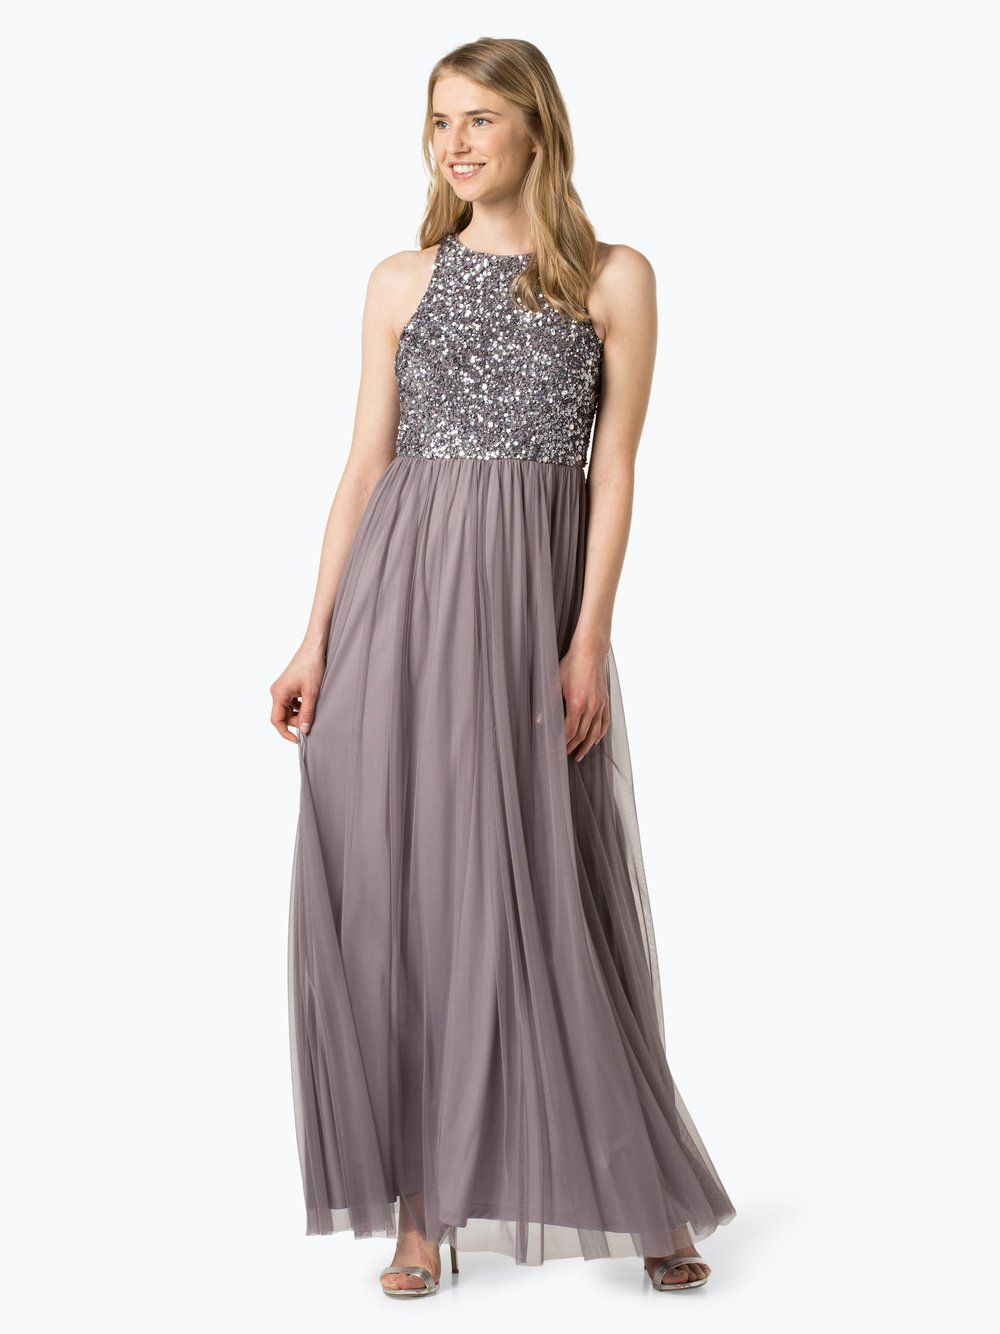 Marie Lund Abendkleid lila  Abendkleid, Marie lund, Kleider